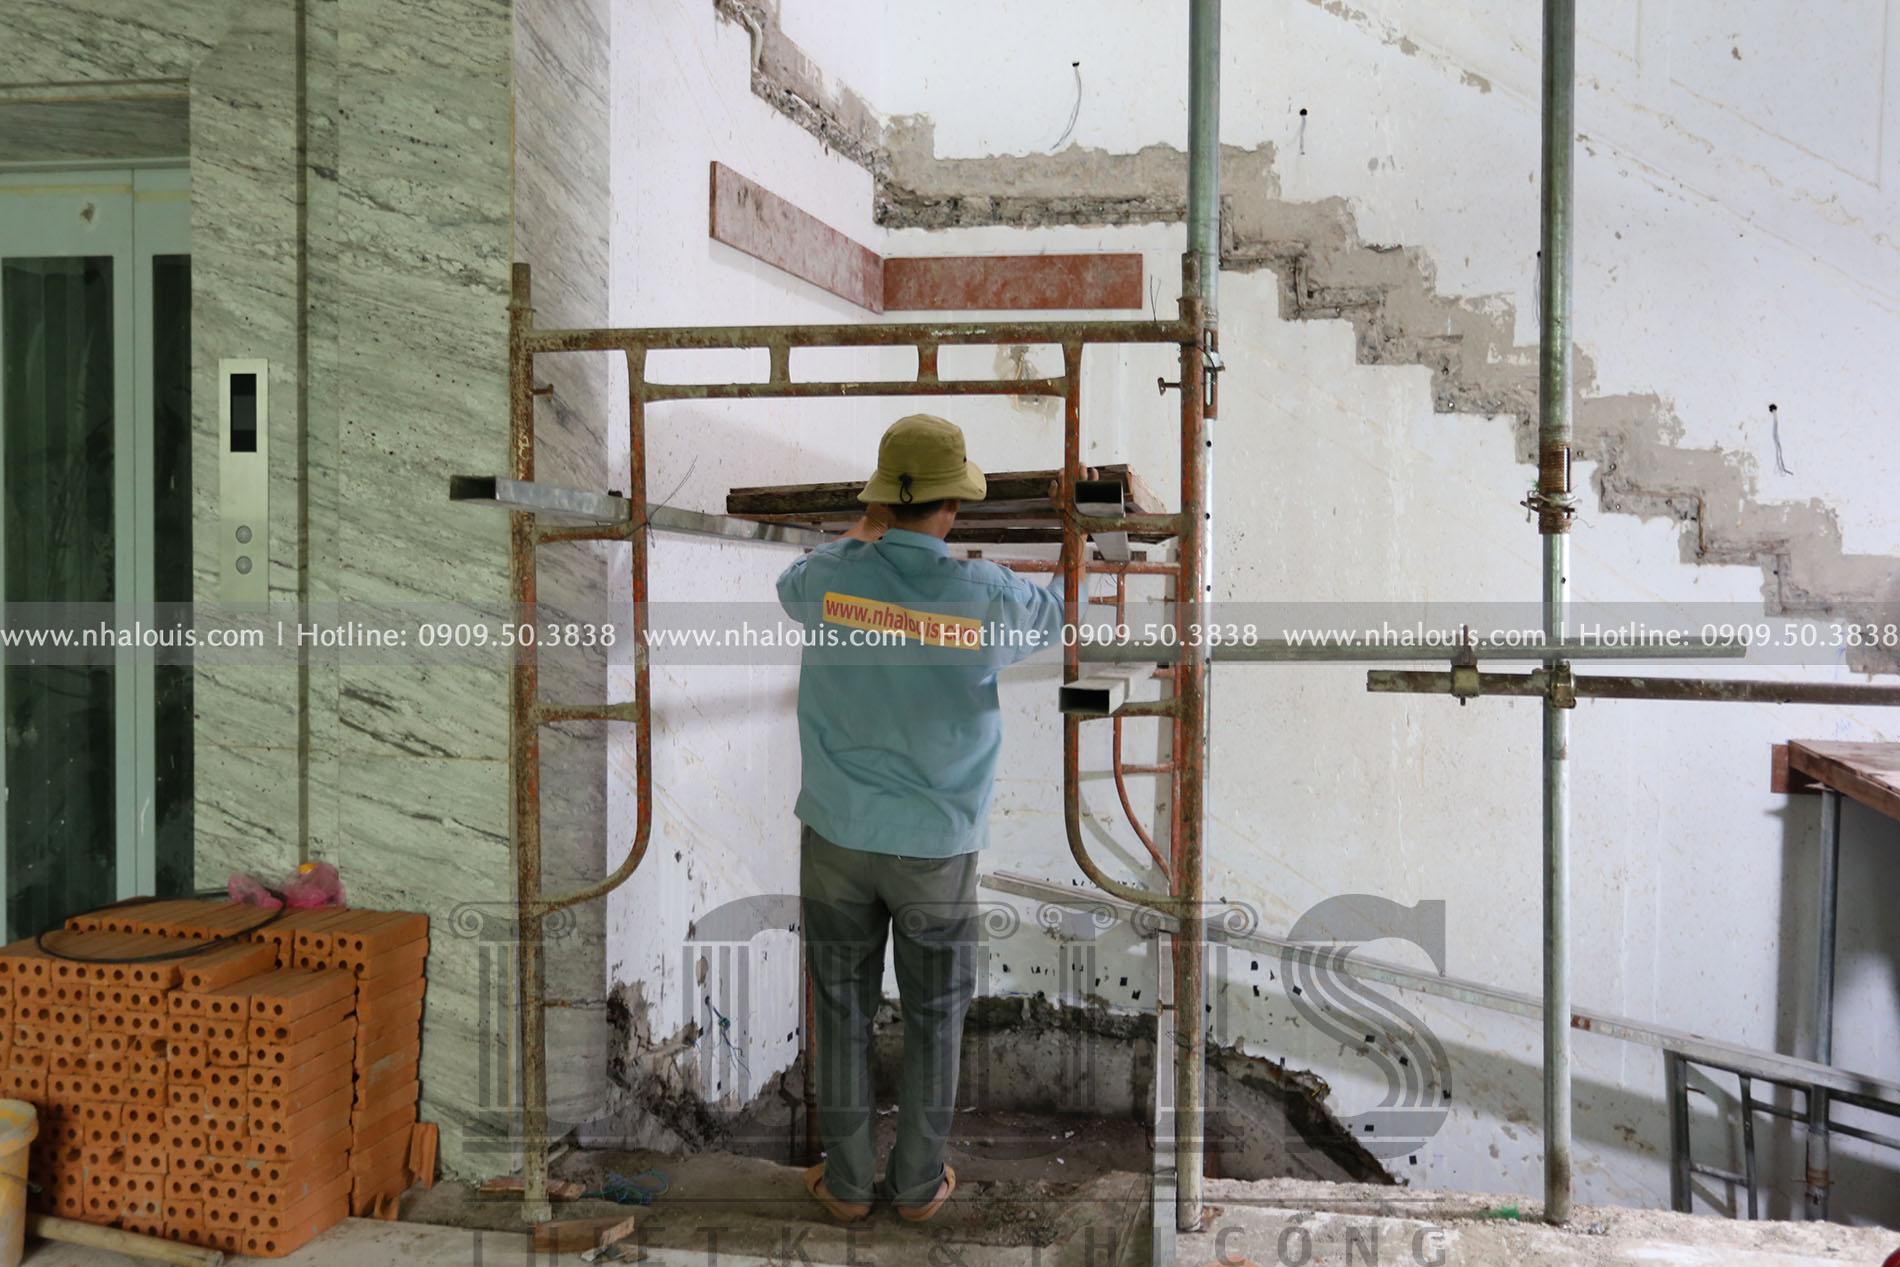 Thi công cải tạo siêu biệt thự cổ điển đẳng cấp tại TPHCM